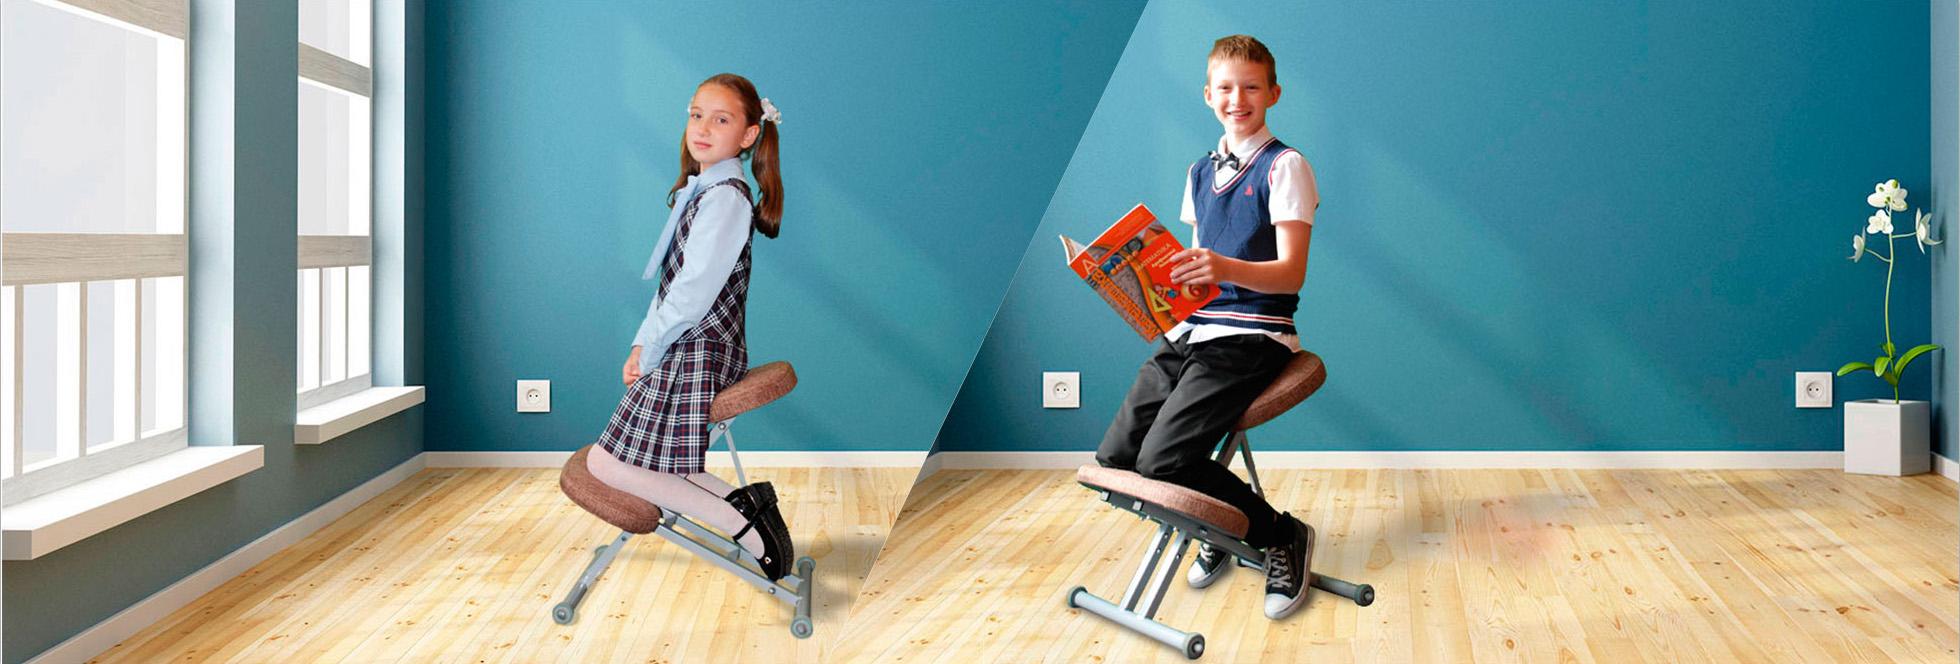 Ищем дилеров в регионах России по продвижению коленного стула Олимп для здоровой осанки